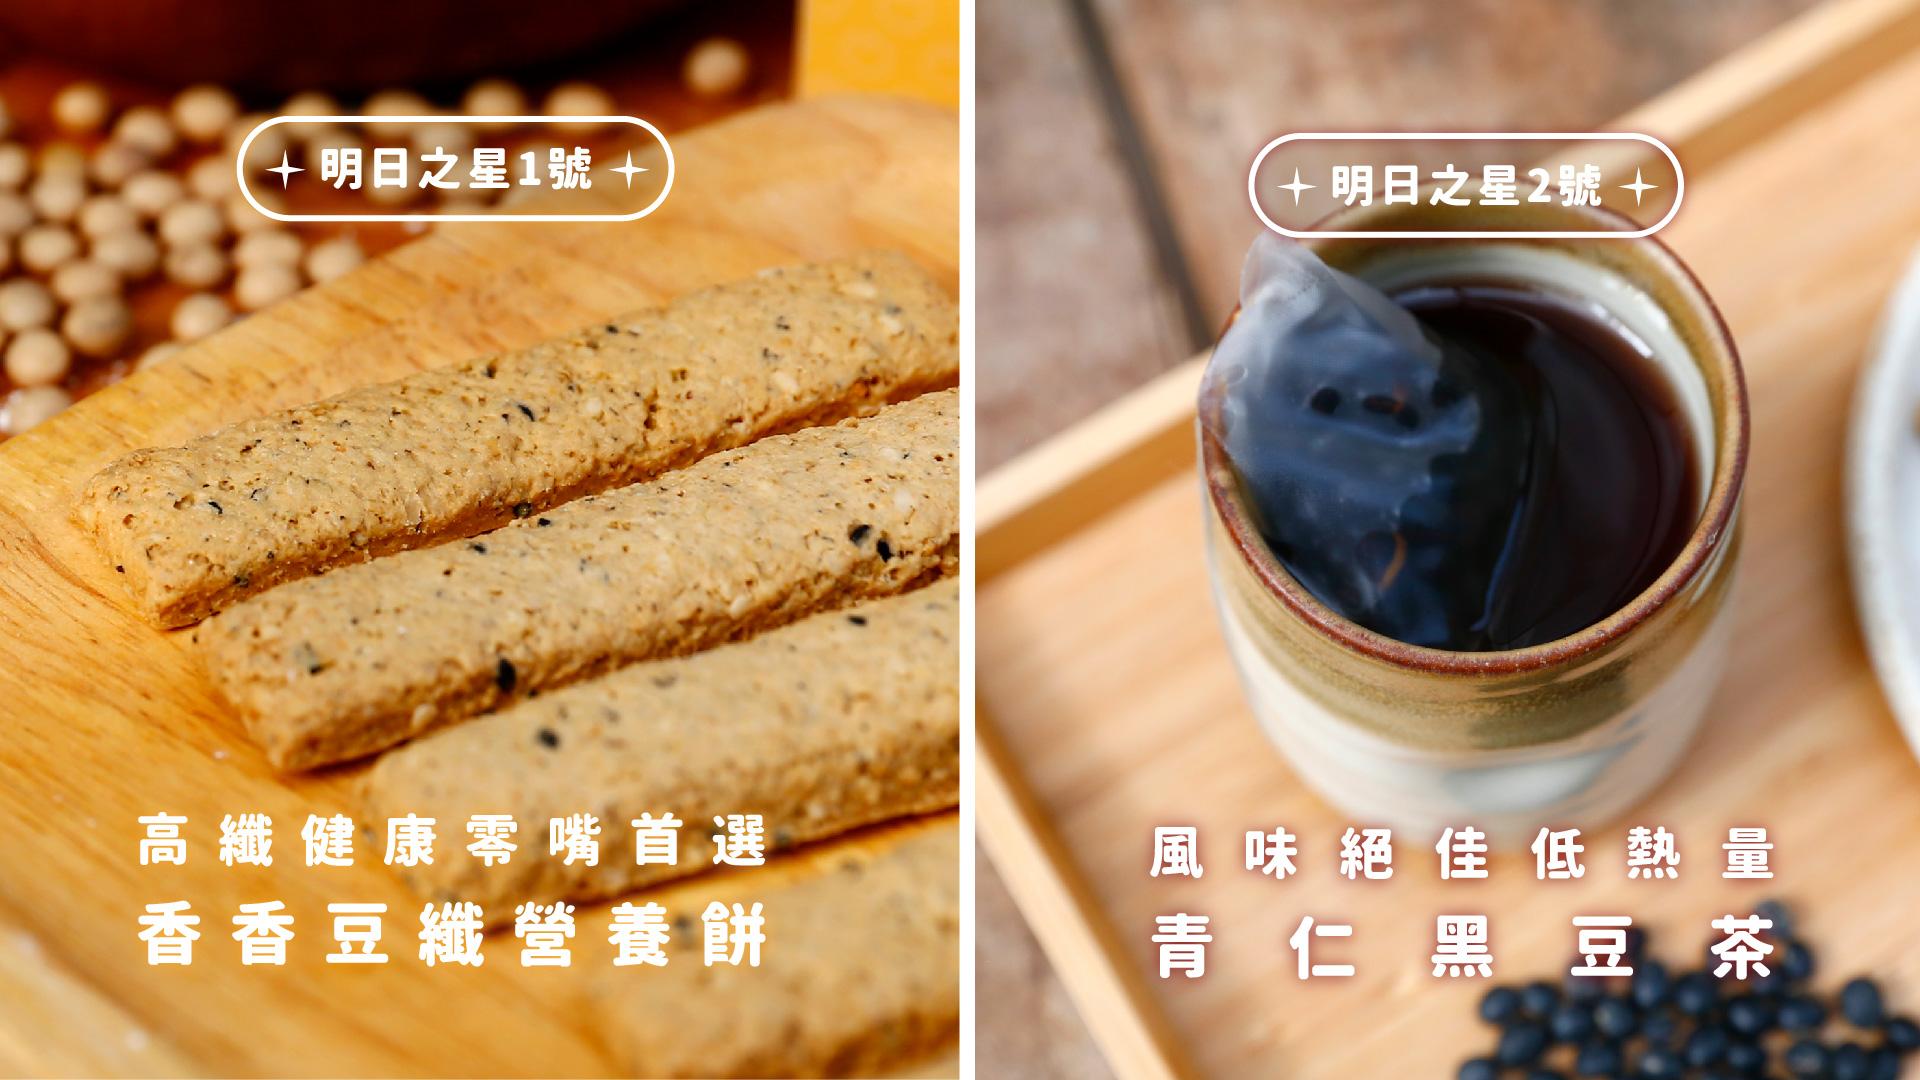 明日之星1號  高纖健康零嘴首選 - 香香豆纖營養餅    明日之星2號  風味絕佳低熱量 - 青仁黑豆茶